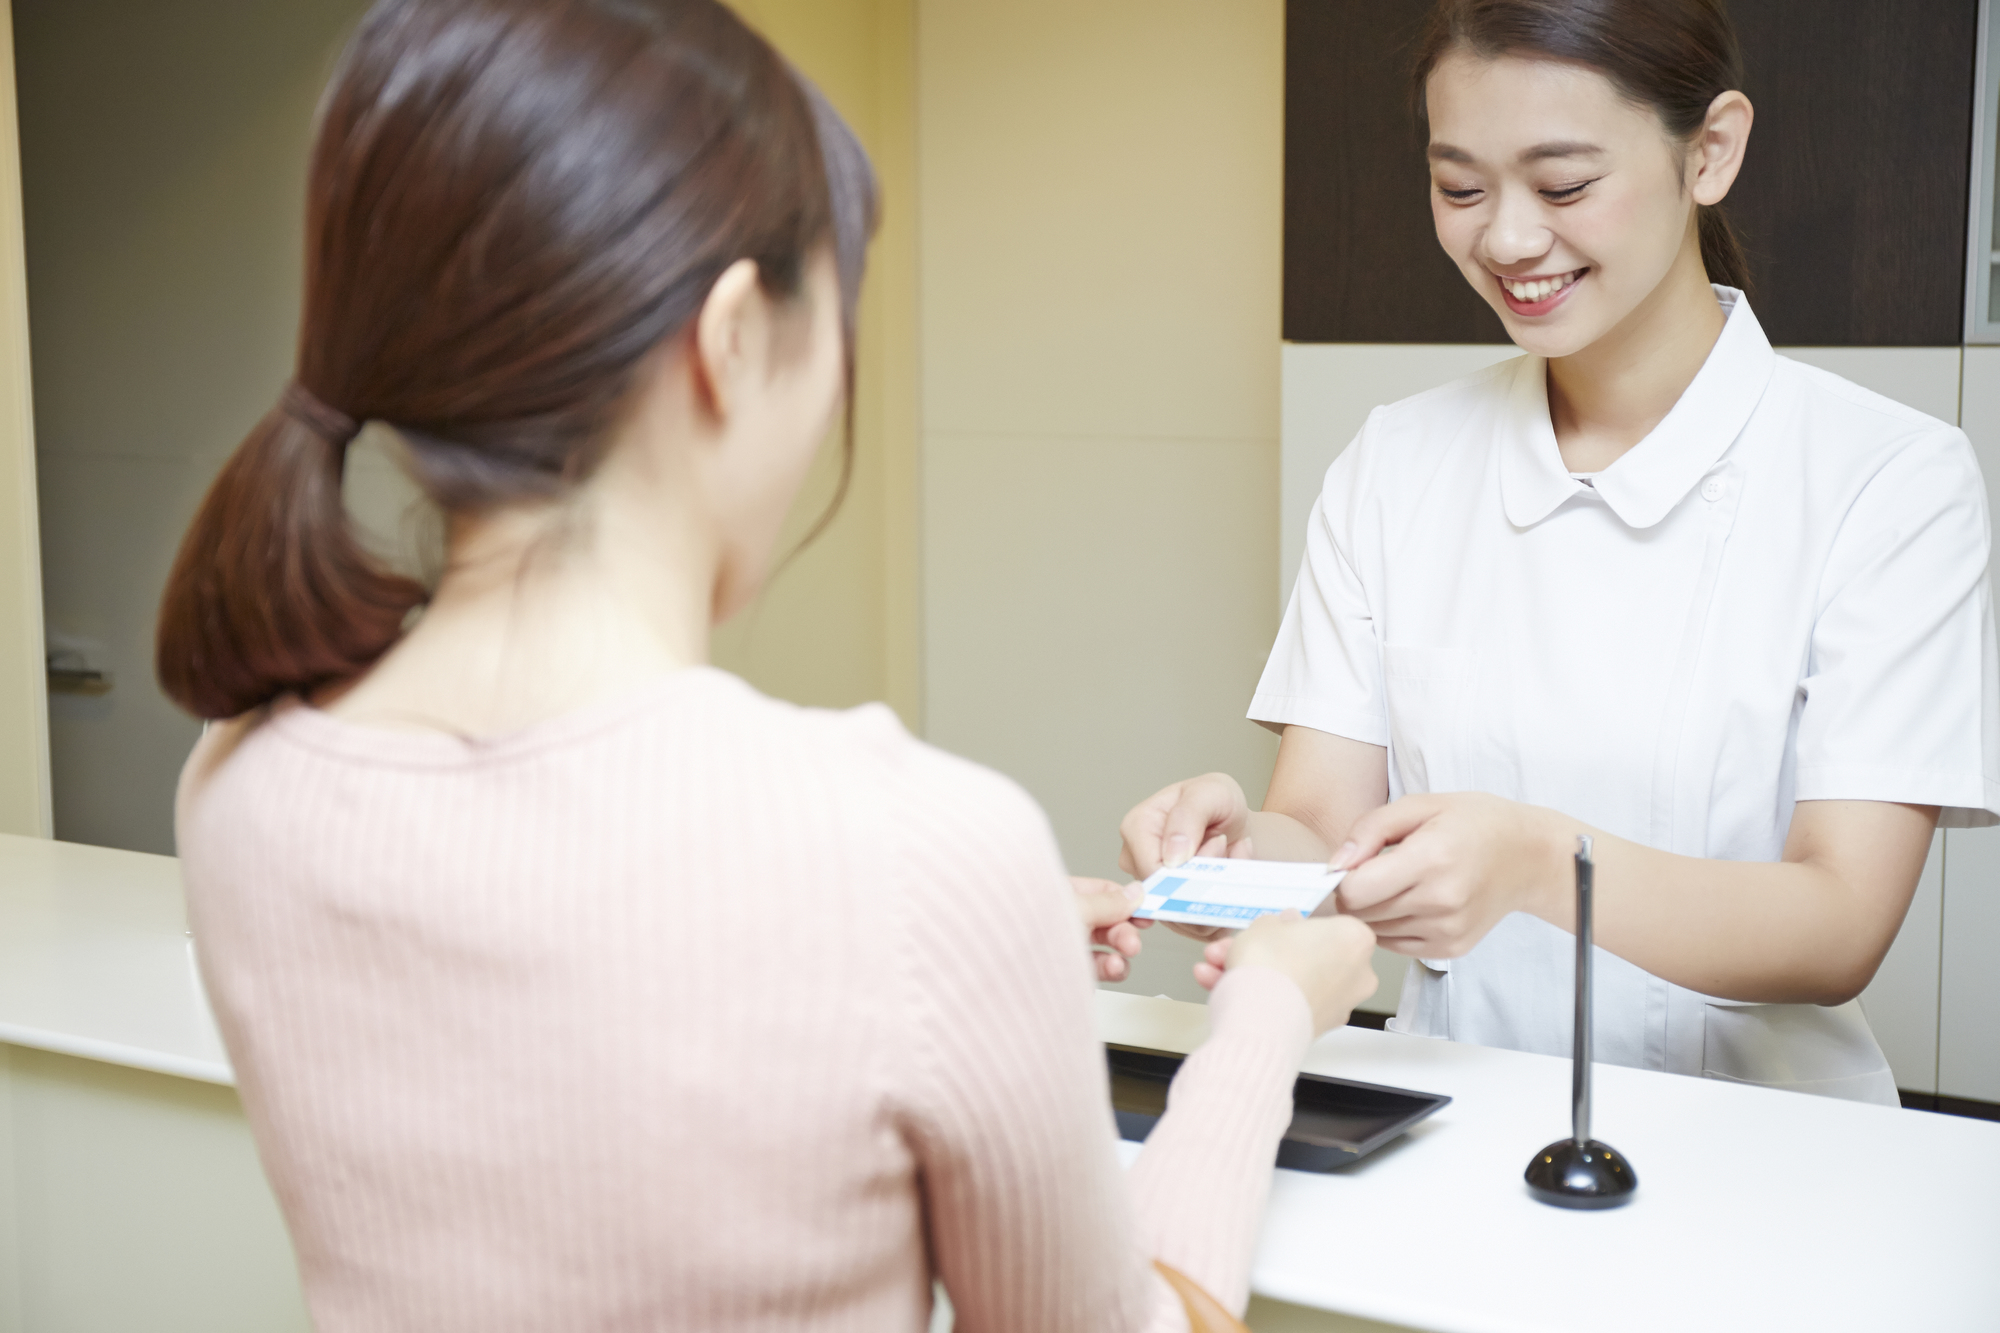 病院の受付で働く女性